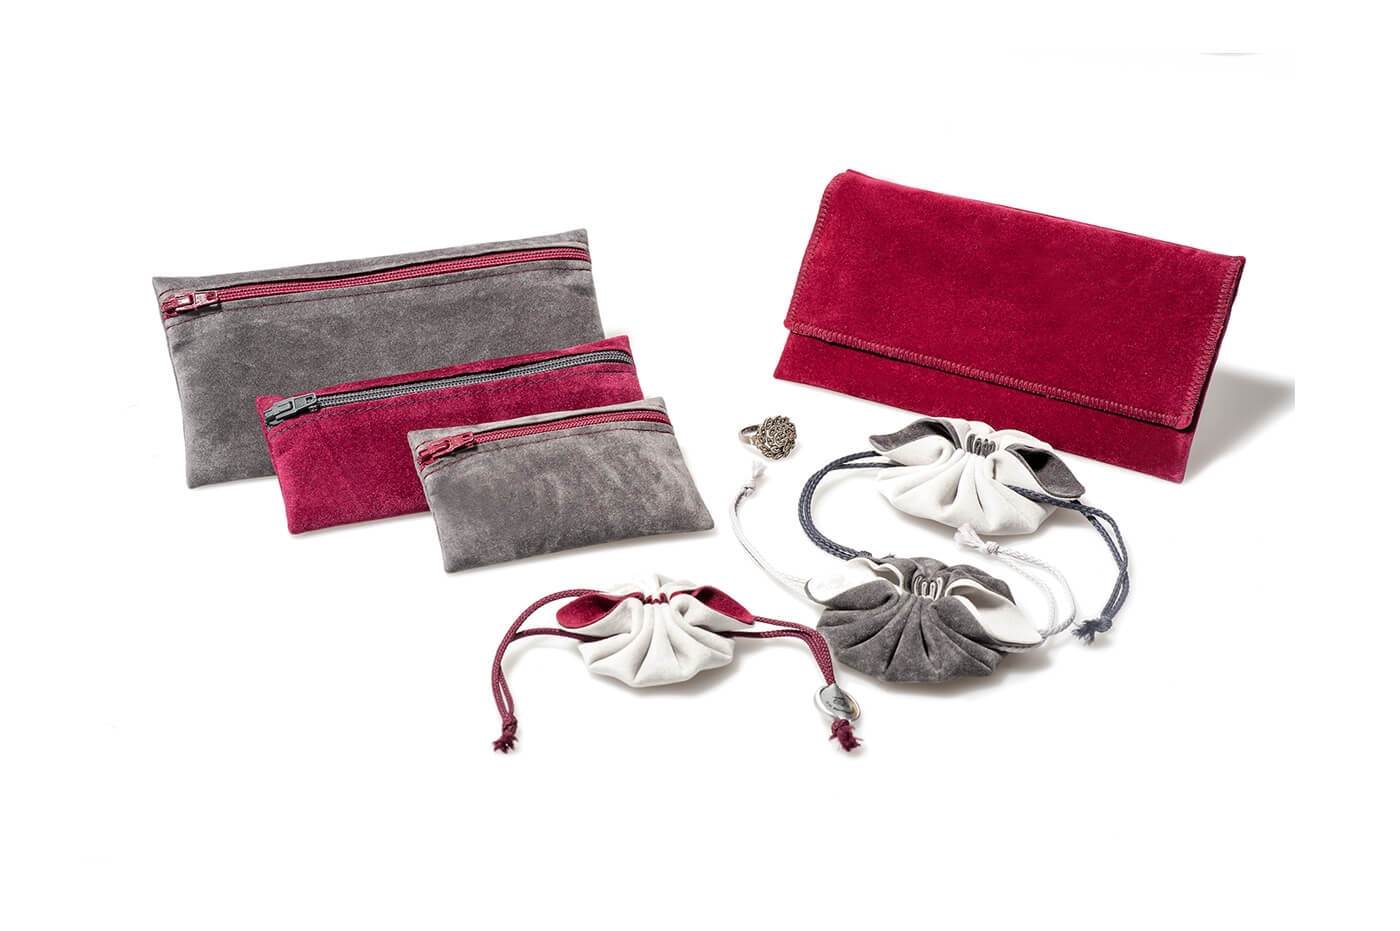 Hochwertige Produktverpackungen für Schmuck, Eheringe und Produkte aus Veloursleder